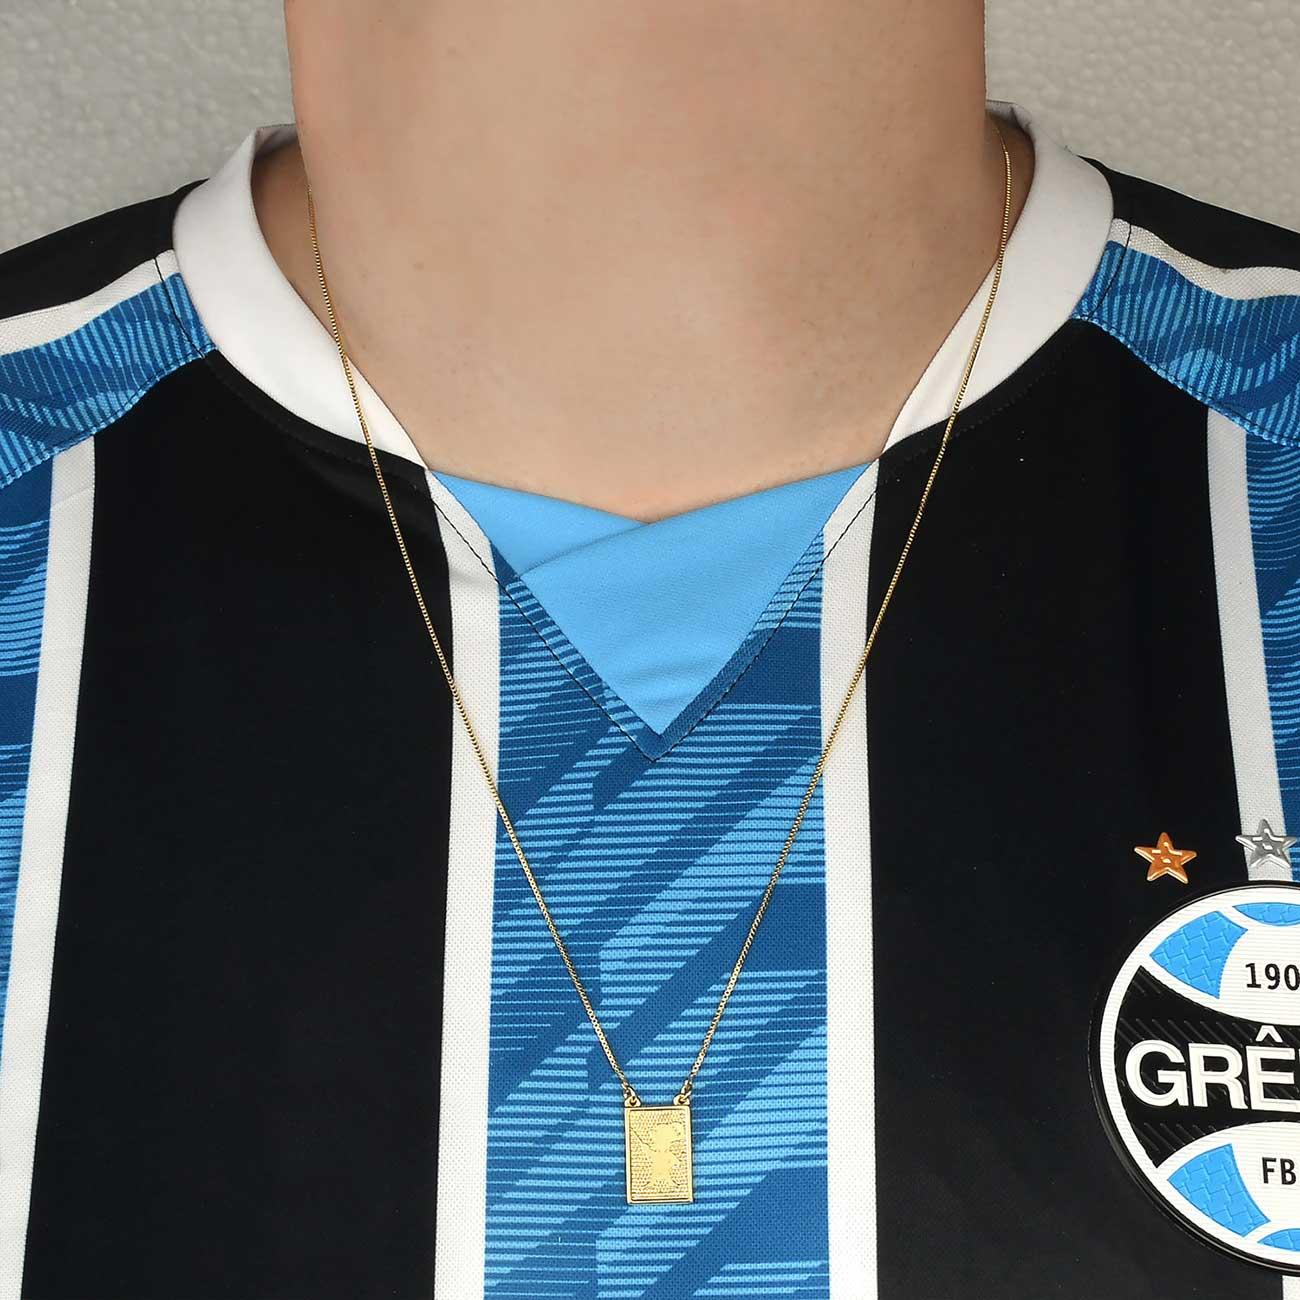 Escapulário  Folheado Ouro 18k Brasão Grêmio e Mosqueteiro  Folheado Ouro 18K- Adulto ou Infantil